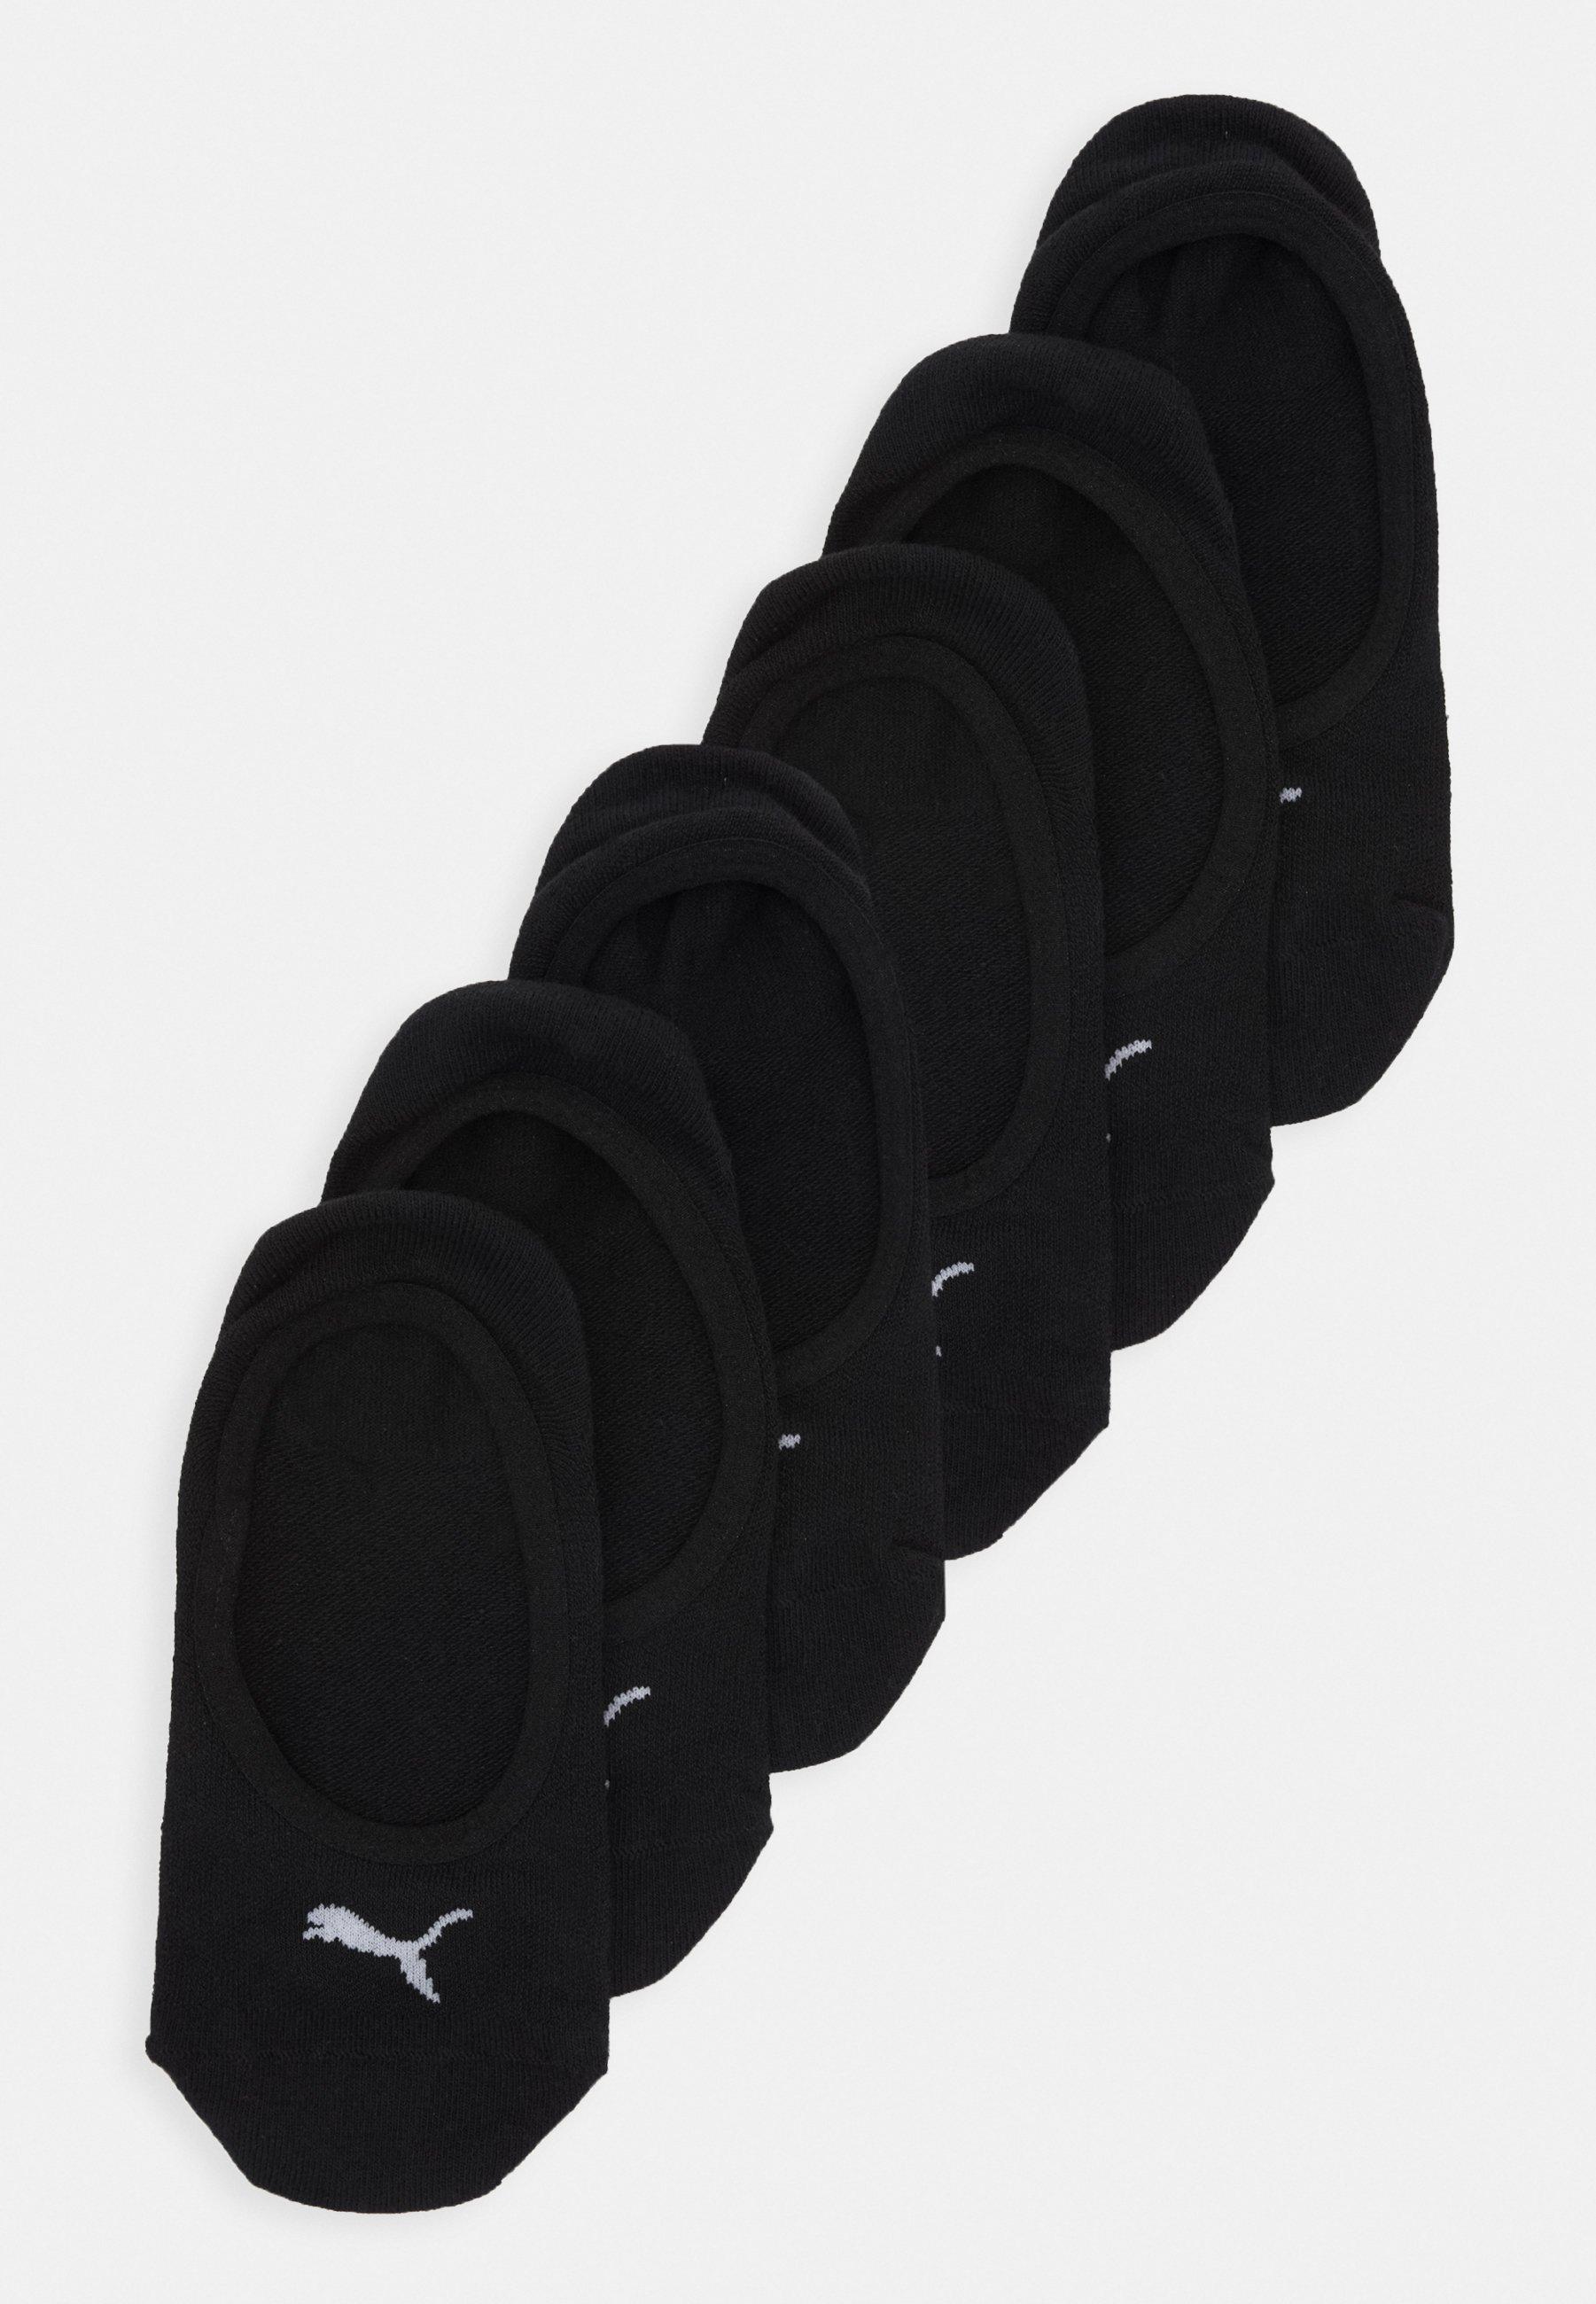 Femme FOOTIE 6 PACK UNISEX - Socquettes